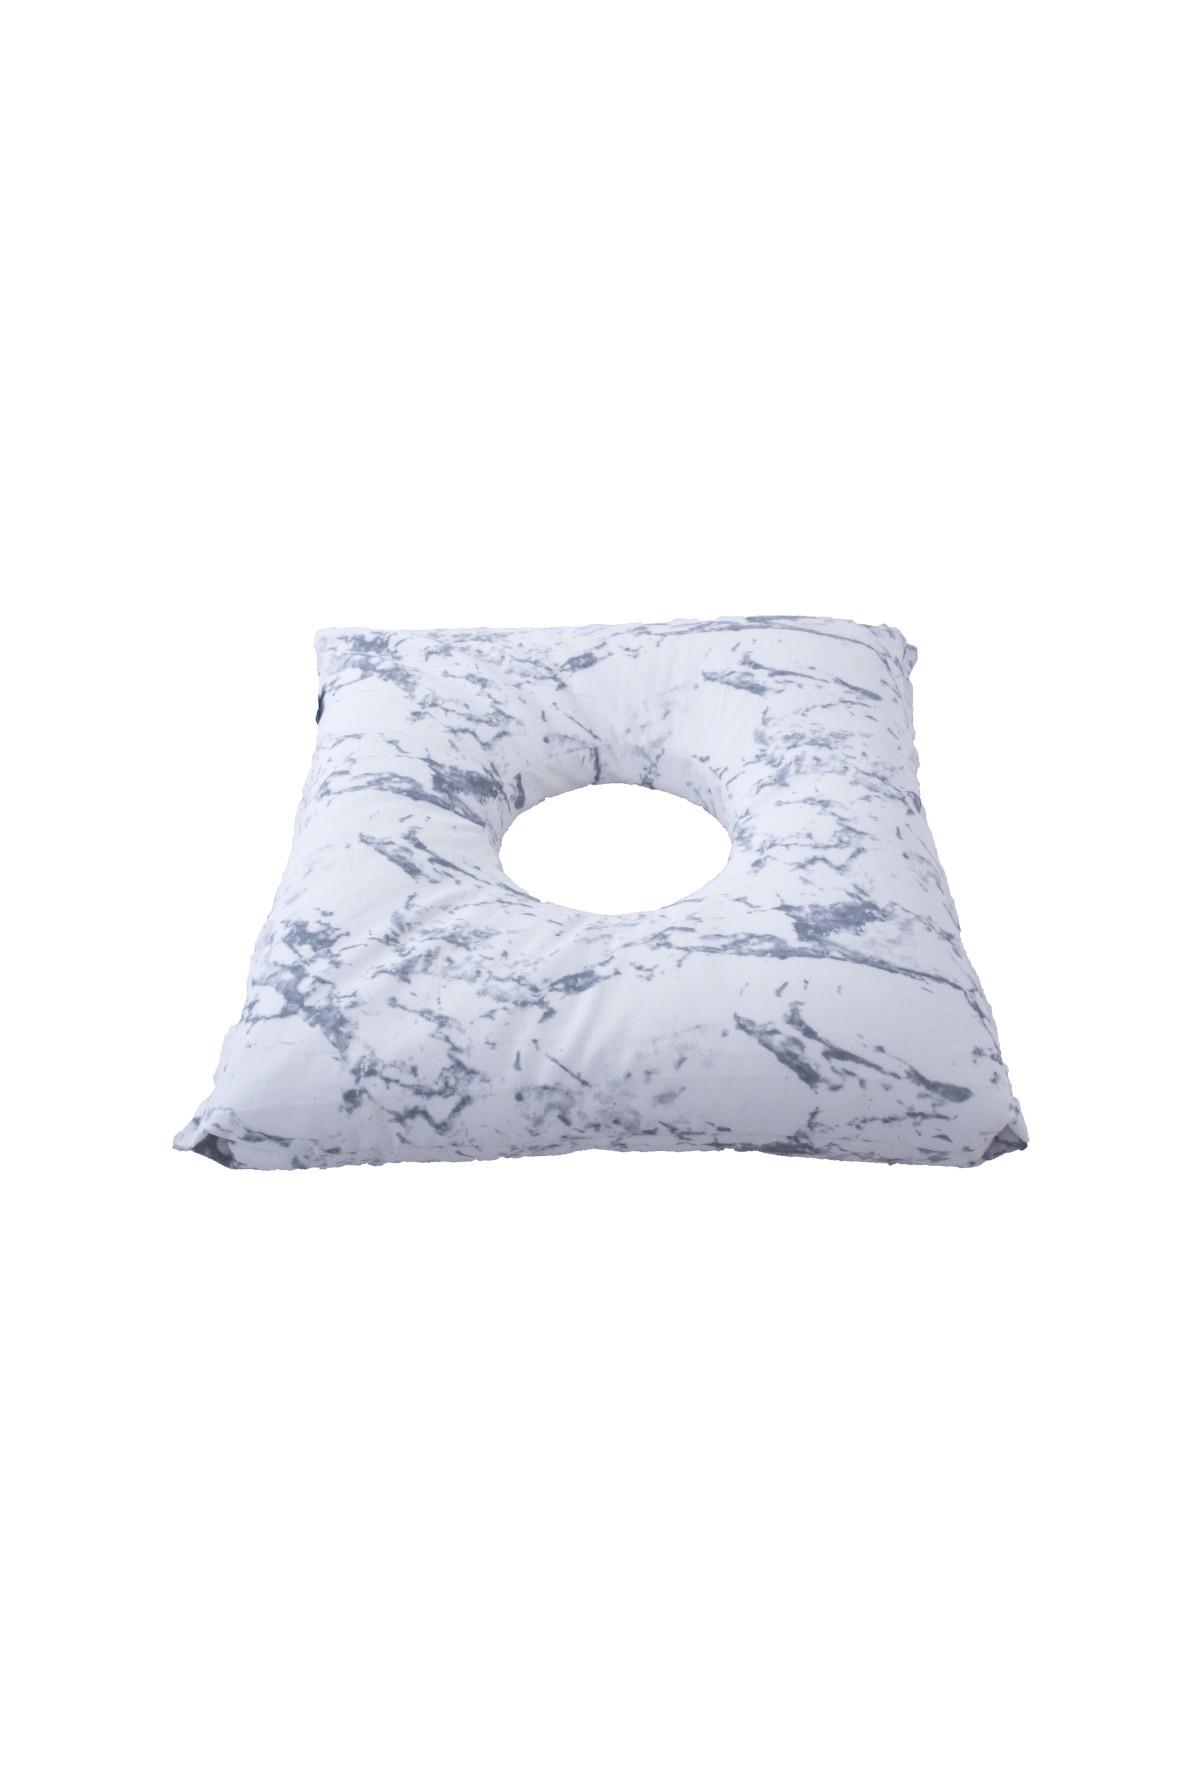 Poduszka poporodowa – pozycjonująca oponka 50x45cm